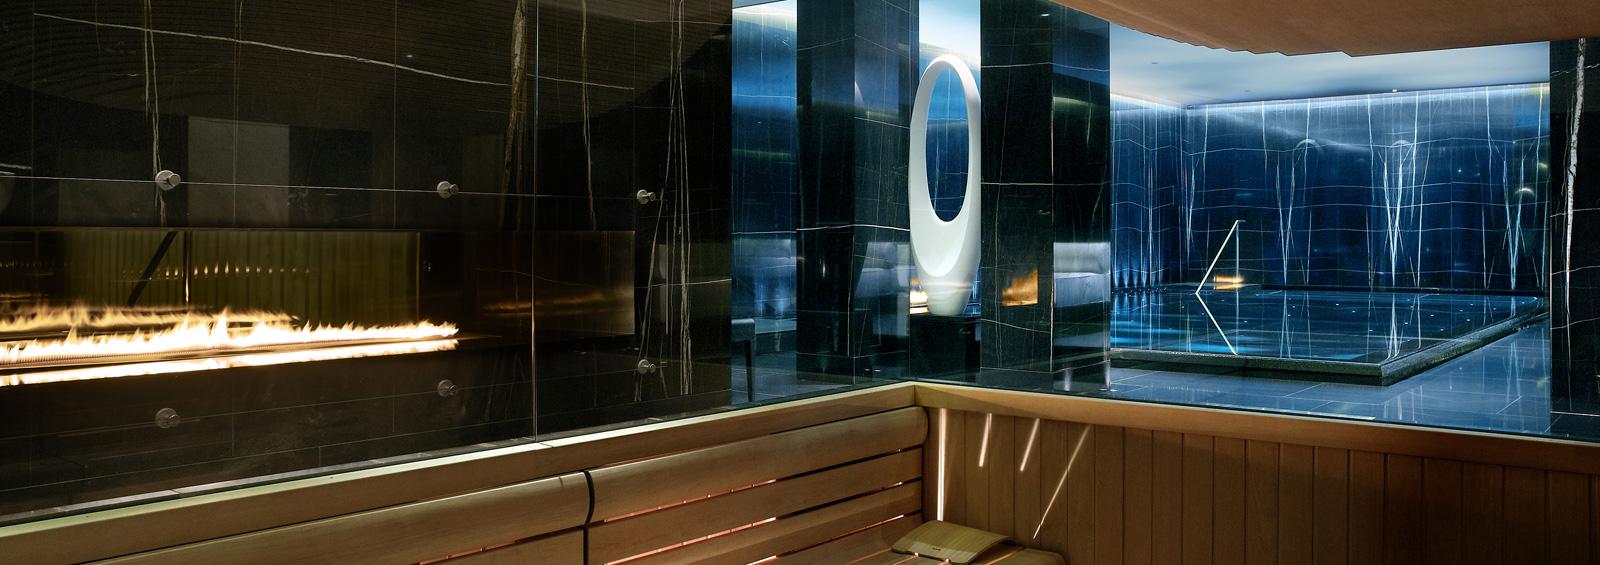 1600x565_sauna